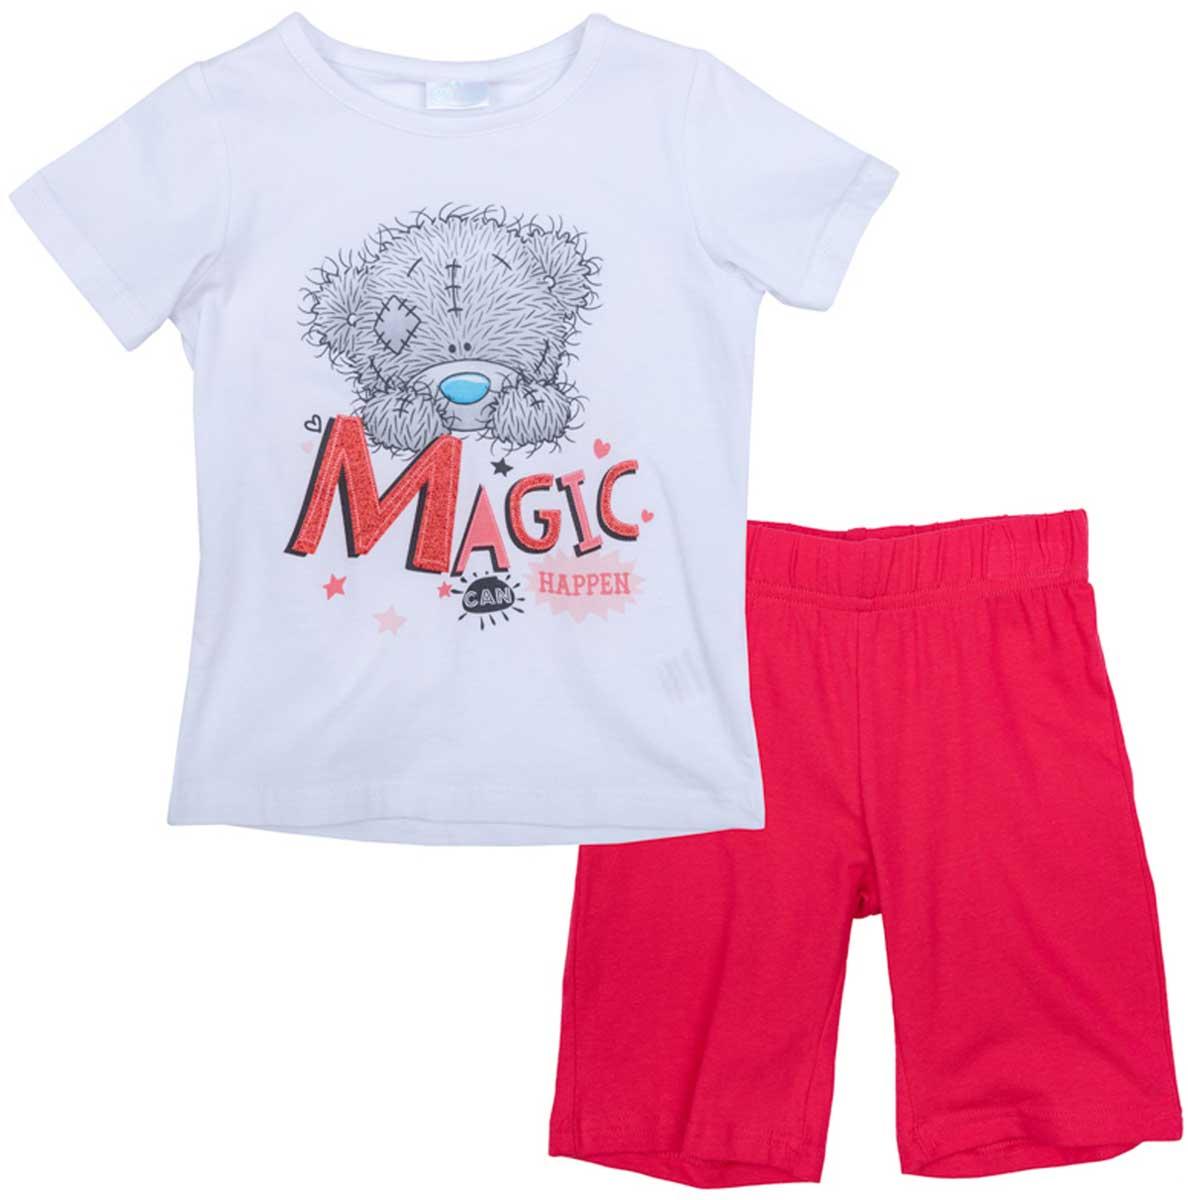 Комплект для девочки PlayToday: футболка, шорты, цвет: белый, красный. 676008. Размер 98676008Комплект из футболки и шорт прекрасно подойдет для домашнего использования. Может быть и домашней одеждой и уютной пижамой. Мягкий, приятный к телу материал не сковывает движений. Яркий стильный принт является достойным украшением данного изделия.